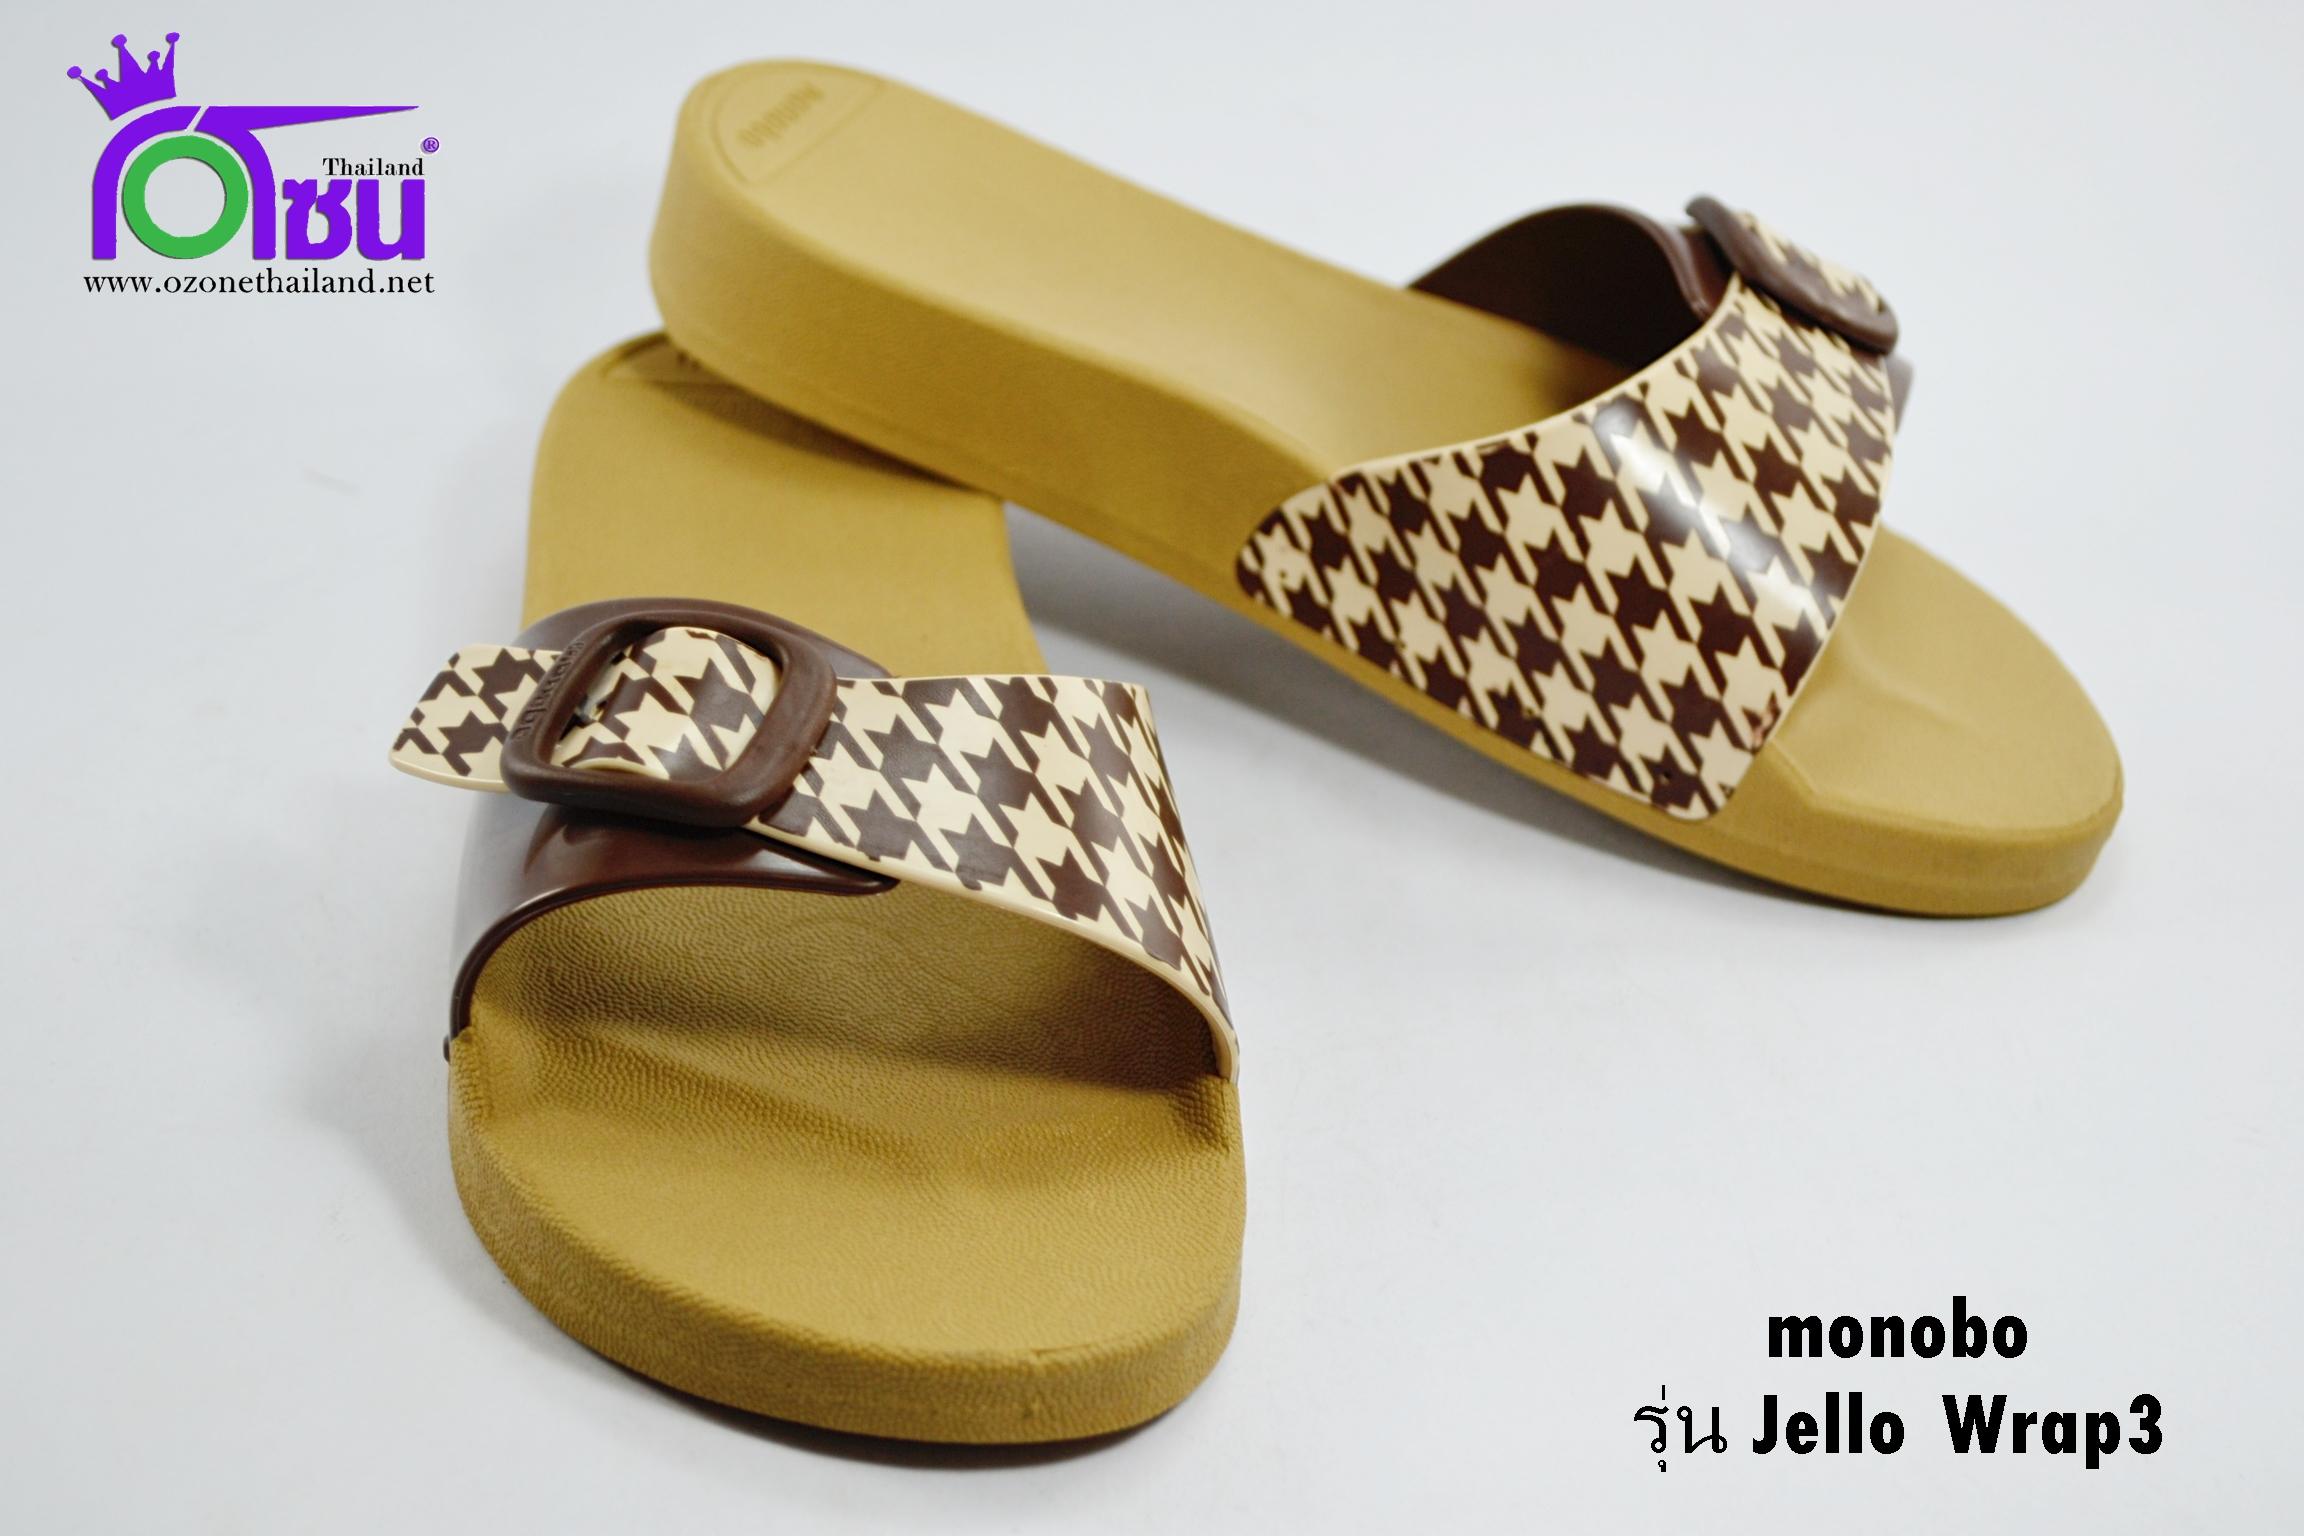 รองเท้าแตะ Monobo Jello Wrap 3 โมโนโบ้ สวม สีเบส-Biege เบอร์ 5-8